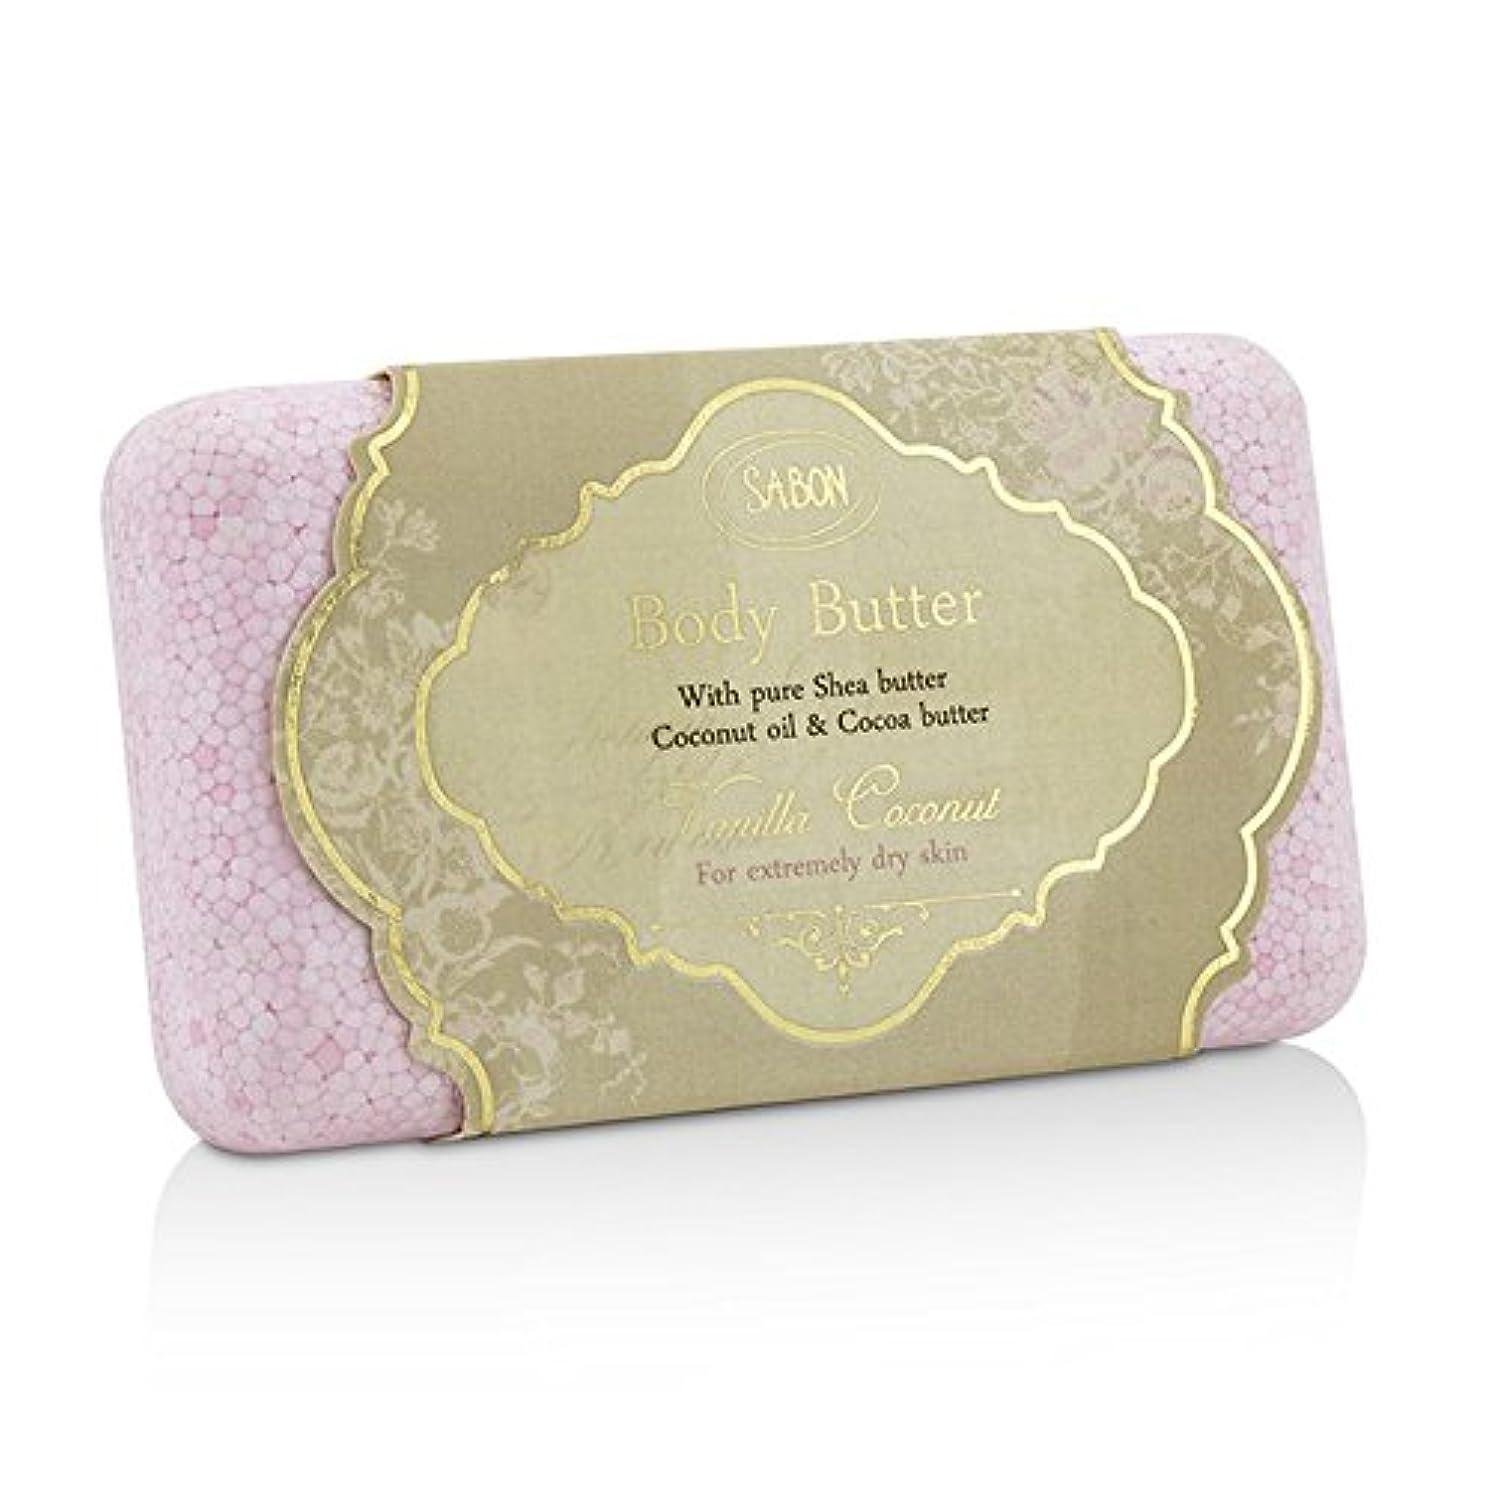 嵐のから割れ目サボン Body Butter (For Extremely Dry Skin) - Vanilla Coconut 100g/3.53oz並行輸入品